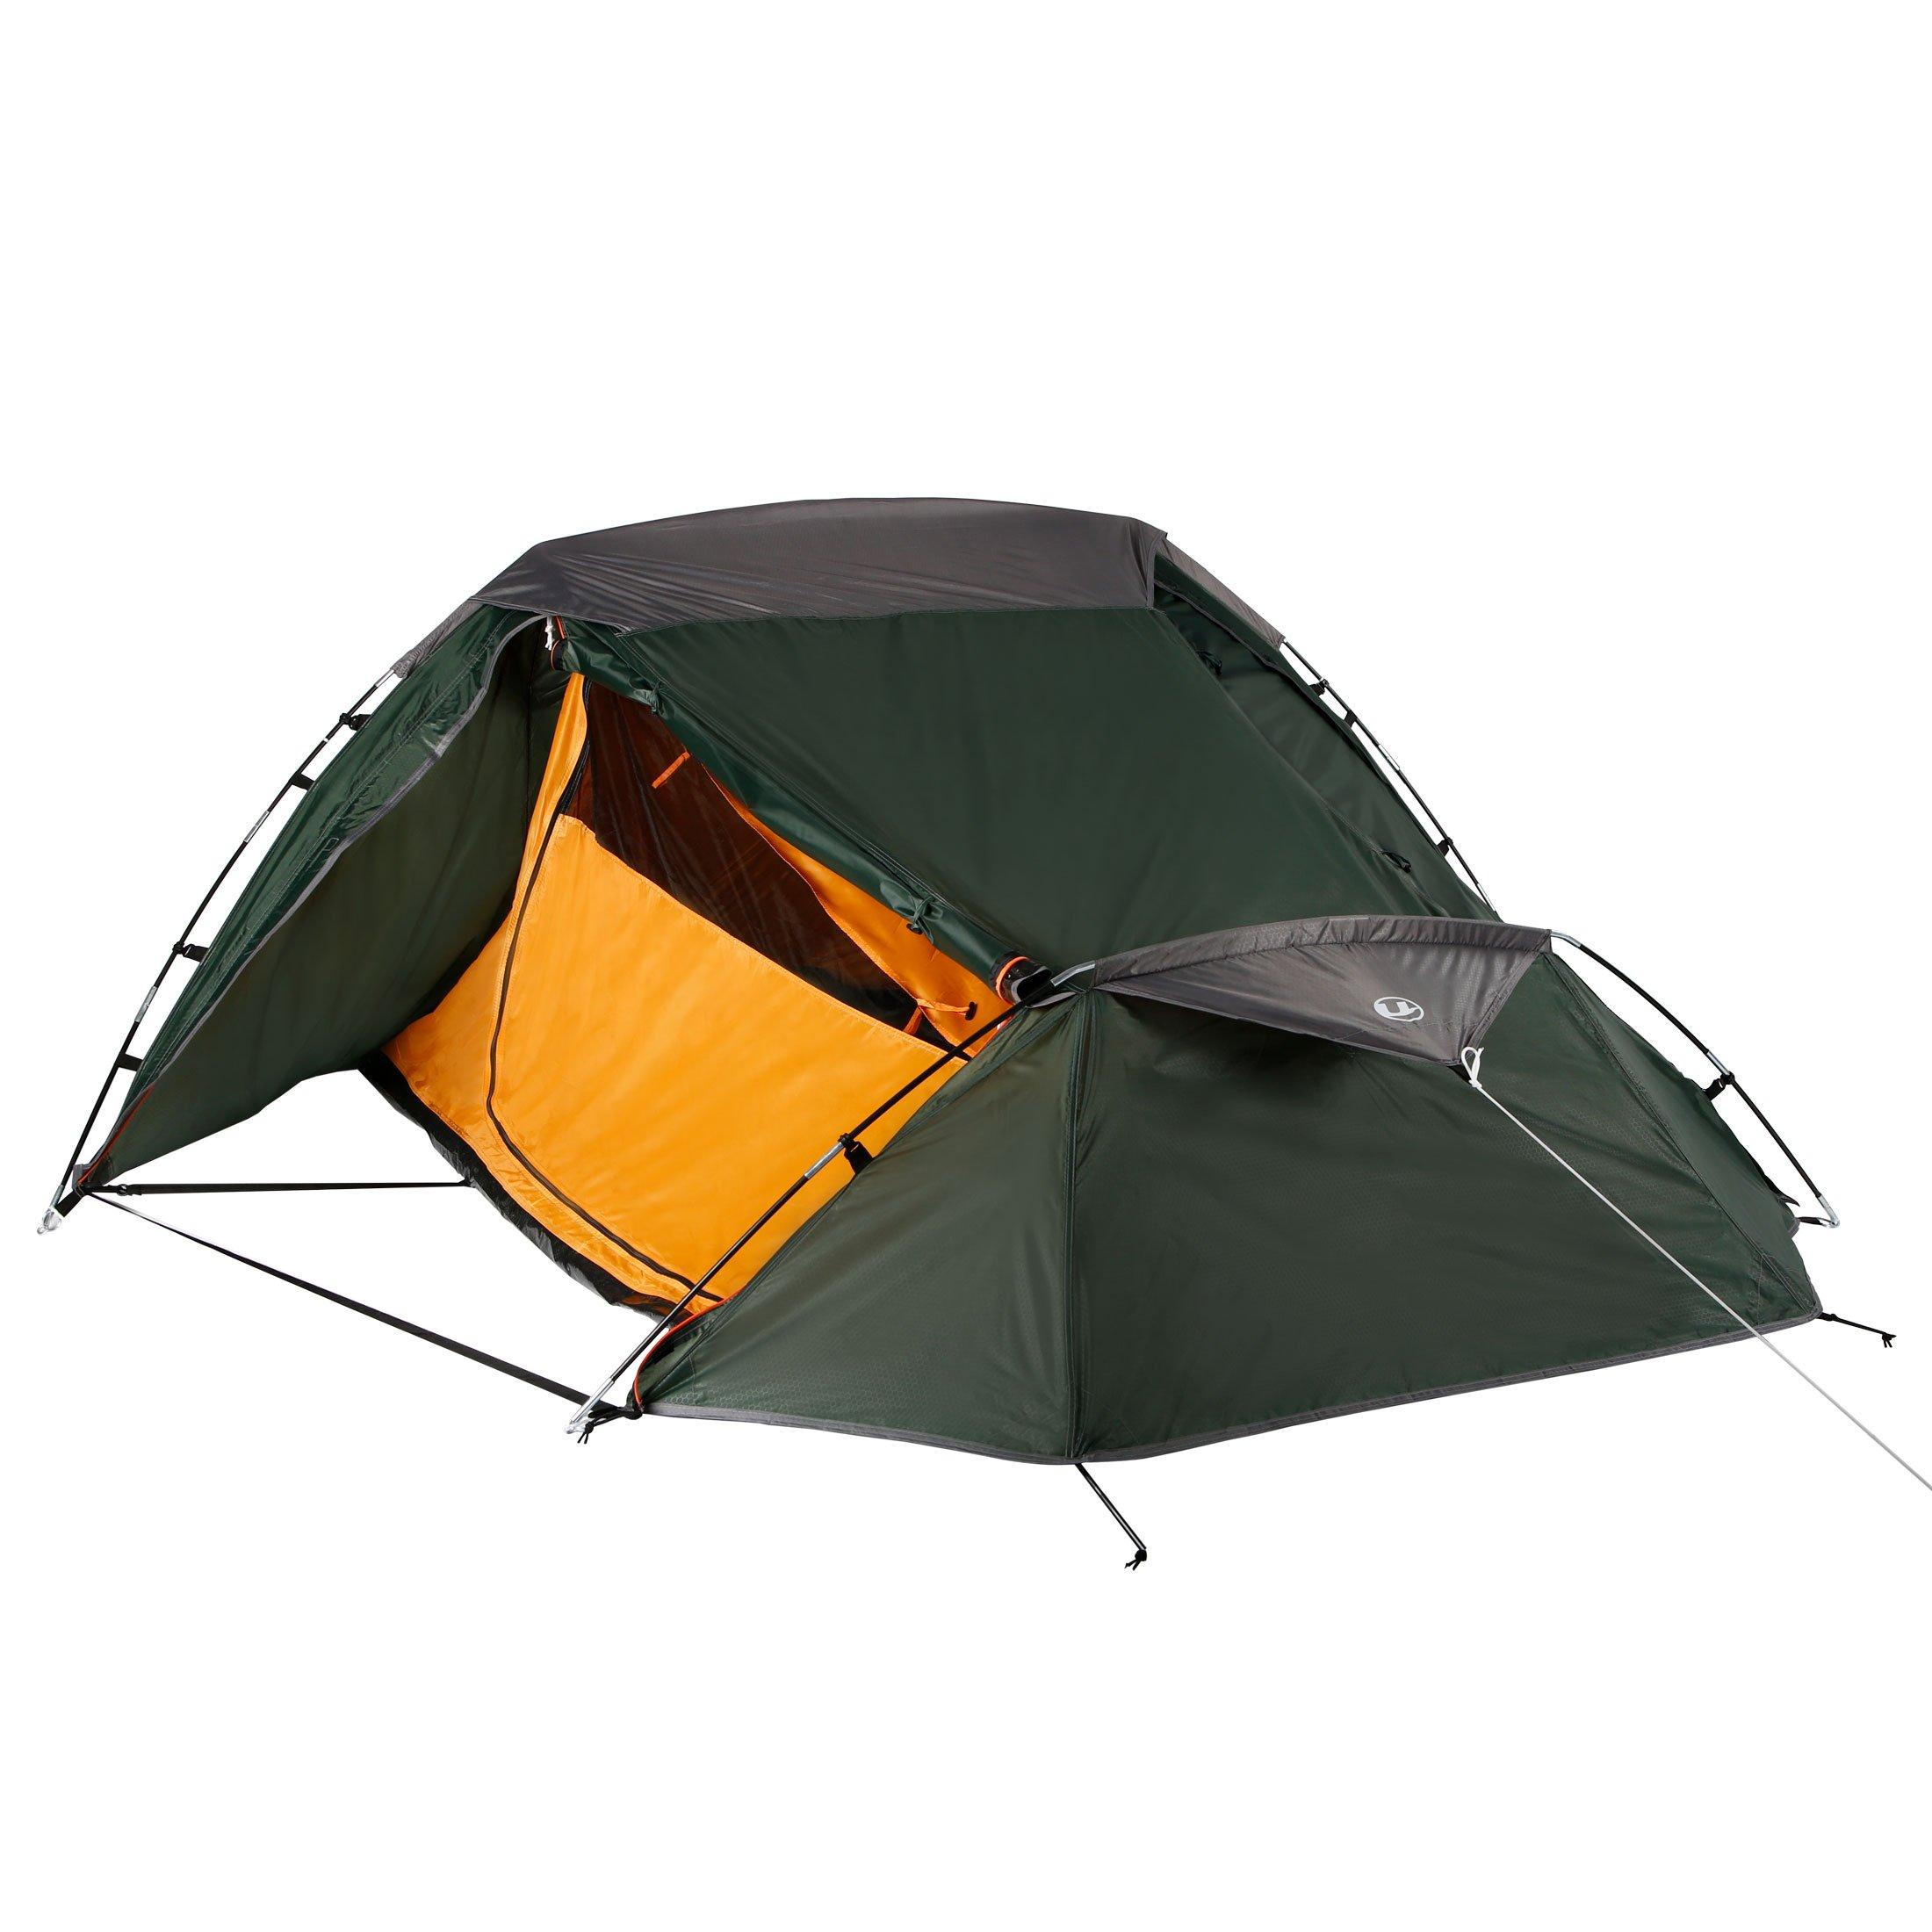 Ultrasport Tente de camping pour 2/3personnes, tente idéale pour un festival, des vacances au camping ou une randonnée, livrée avec un sac de transport product image